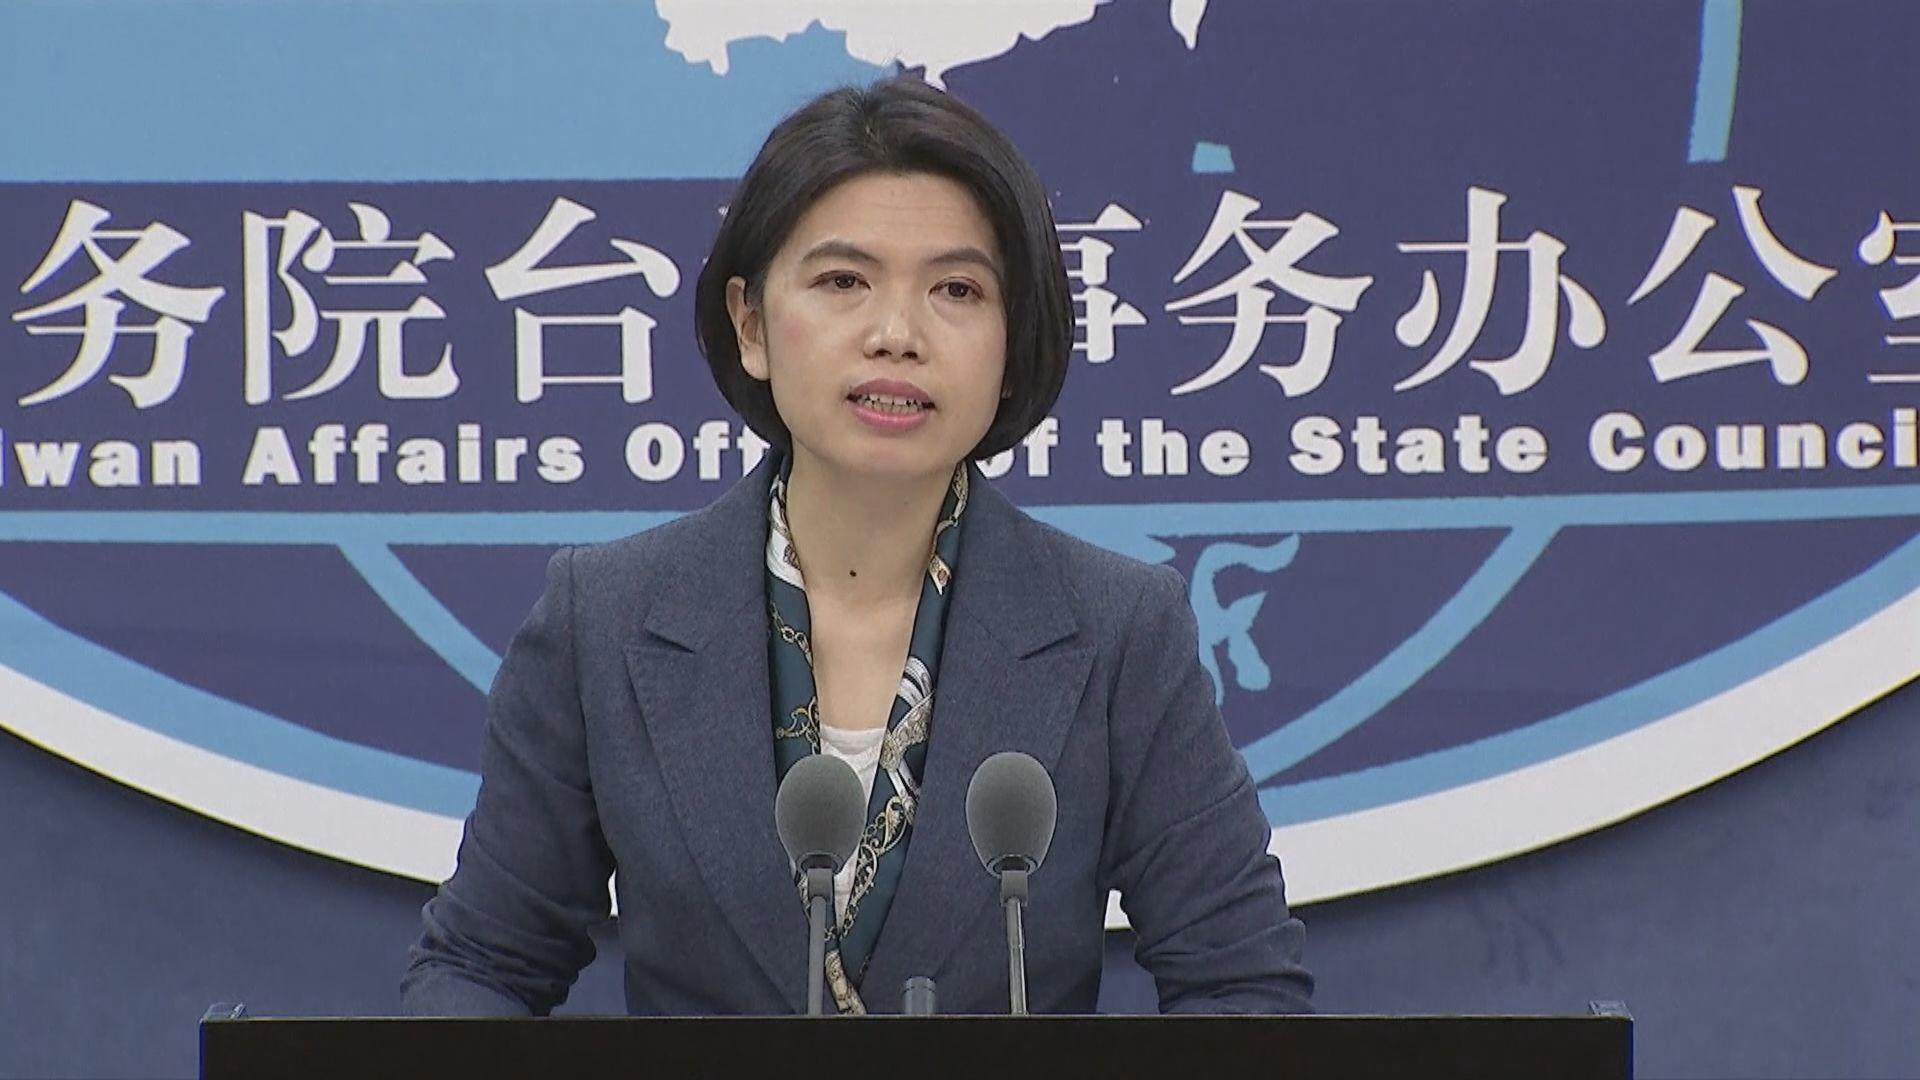 國台辦正告民進黨停止對香港事務政治操弄